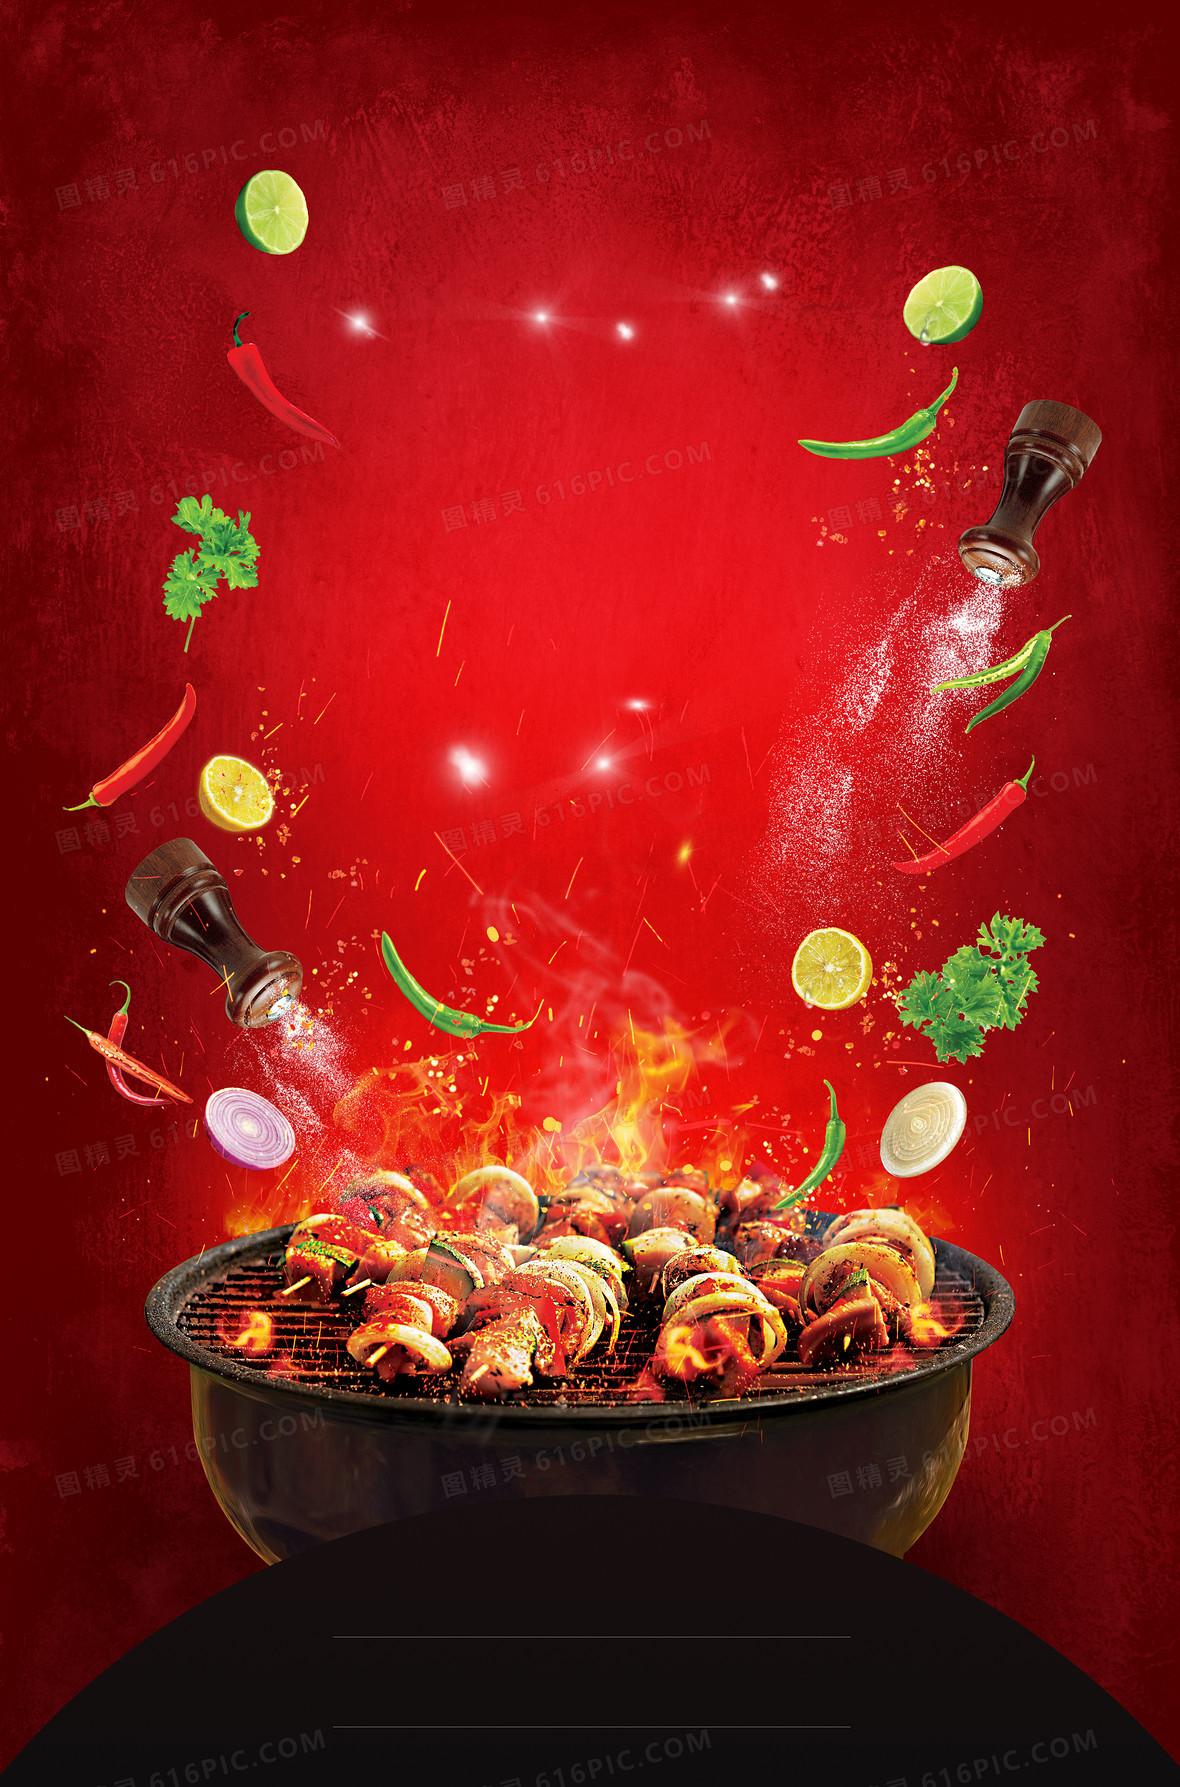 红色大气美食背景素材